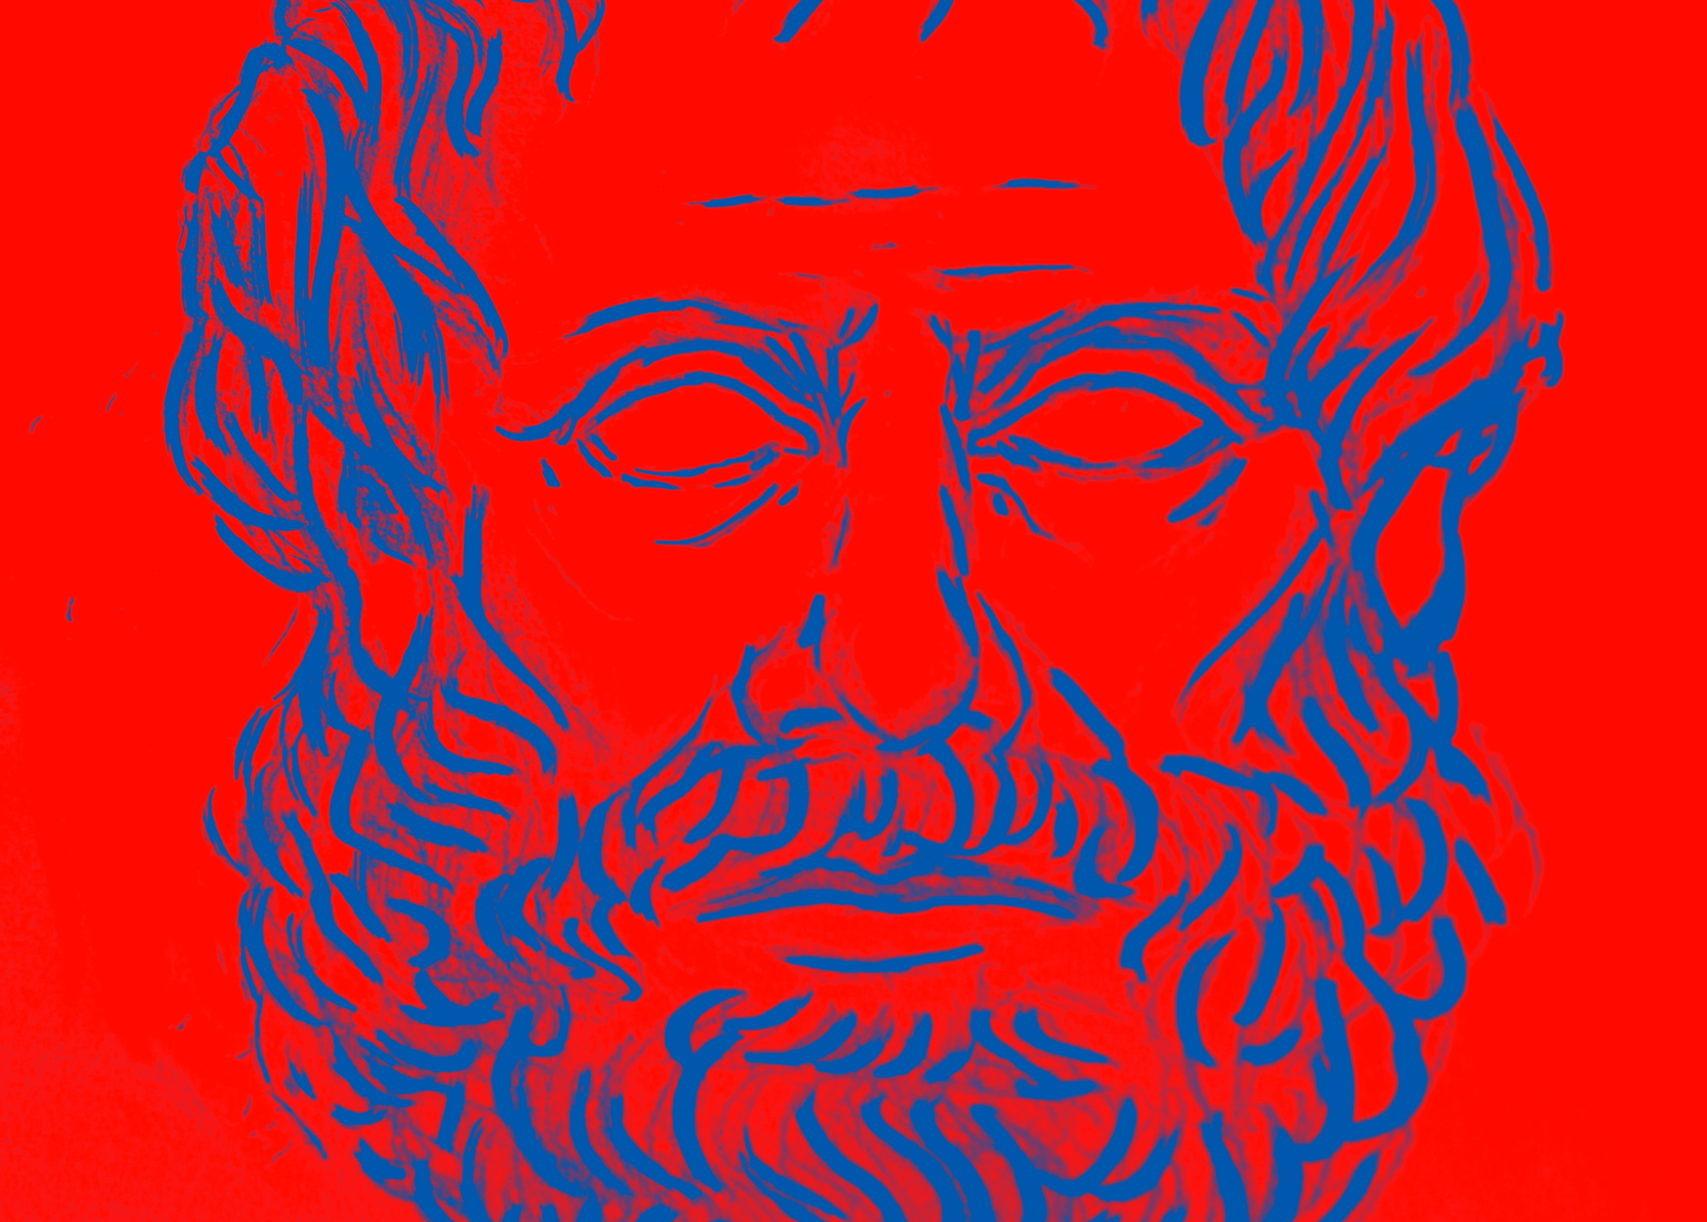 Aristoteleen ja Kantin resepti radikaaliin hyvyyteen